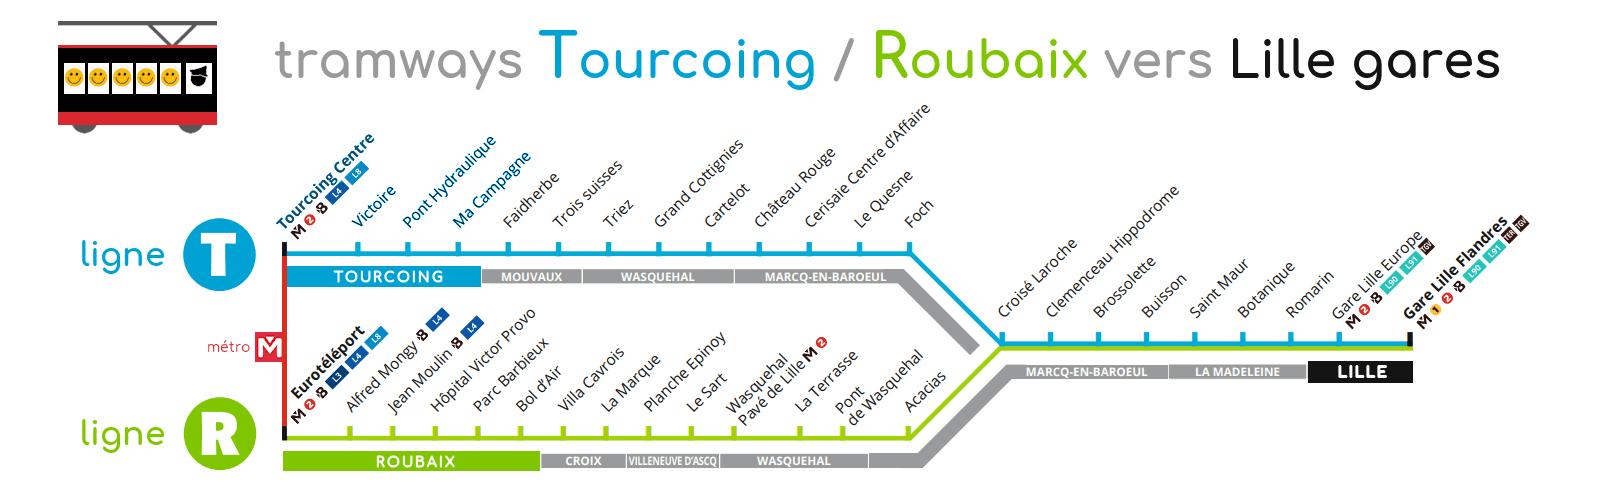 Tramway Tourcoing - Plan de la ligne T et ligne R